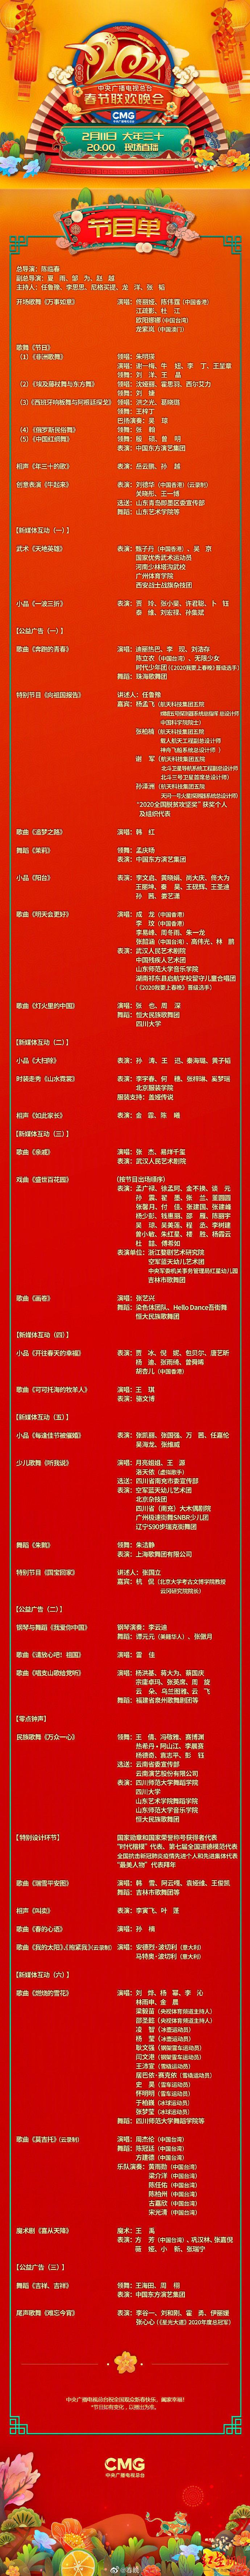 闺蜜2在线观看完整版中字_1268章都市情缘完整版_中文字幕乱码免费